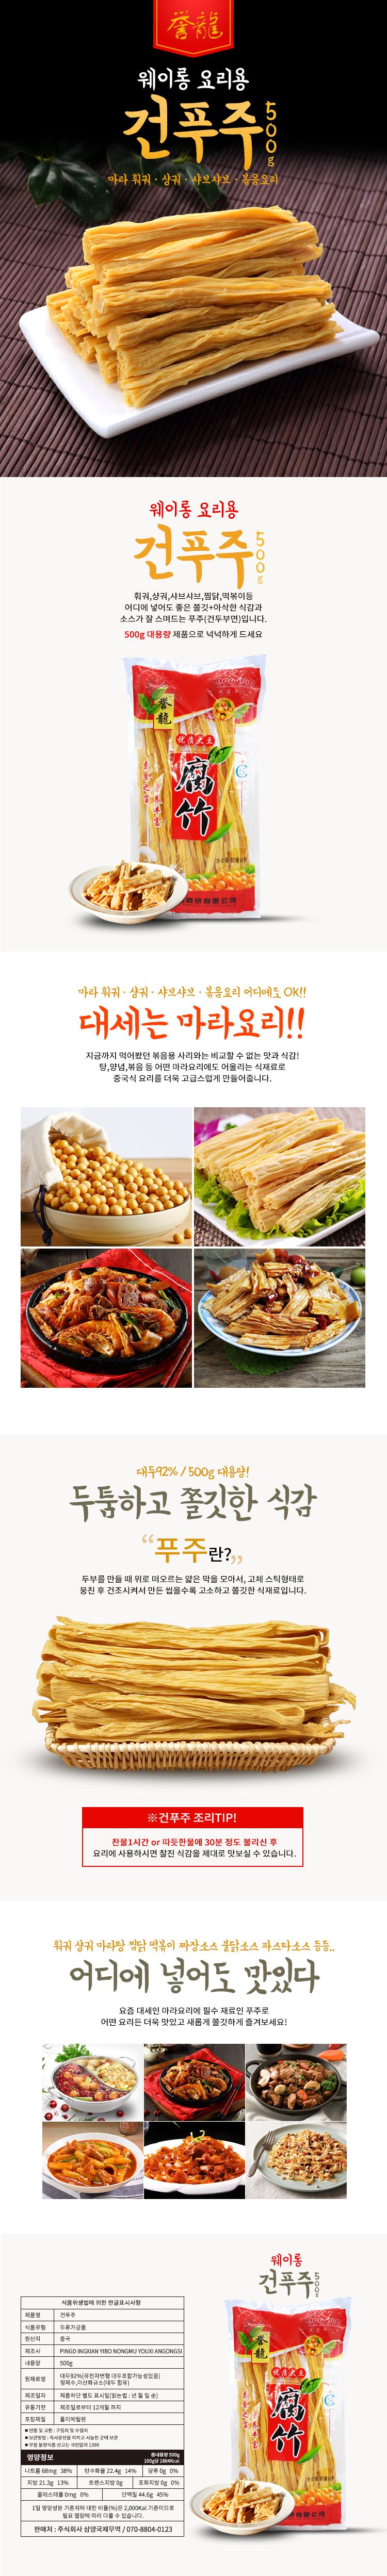 웨이롱 푸주 대용량 500g 건푸주 건두부 훠궈 재료 - 훠궈먹는날, 8,900원, 면류, 쫄면/당면